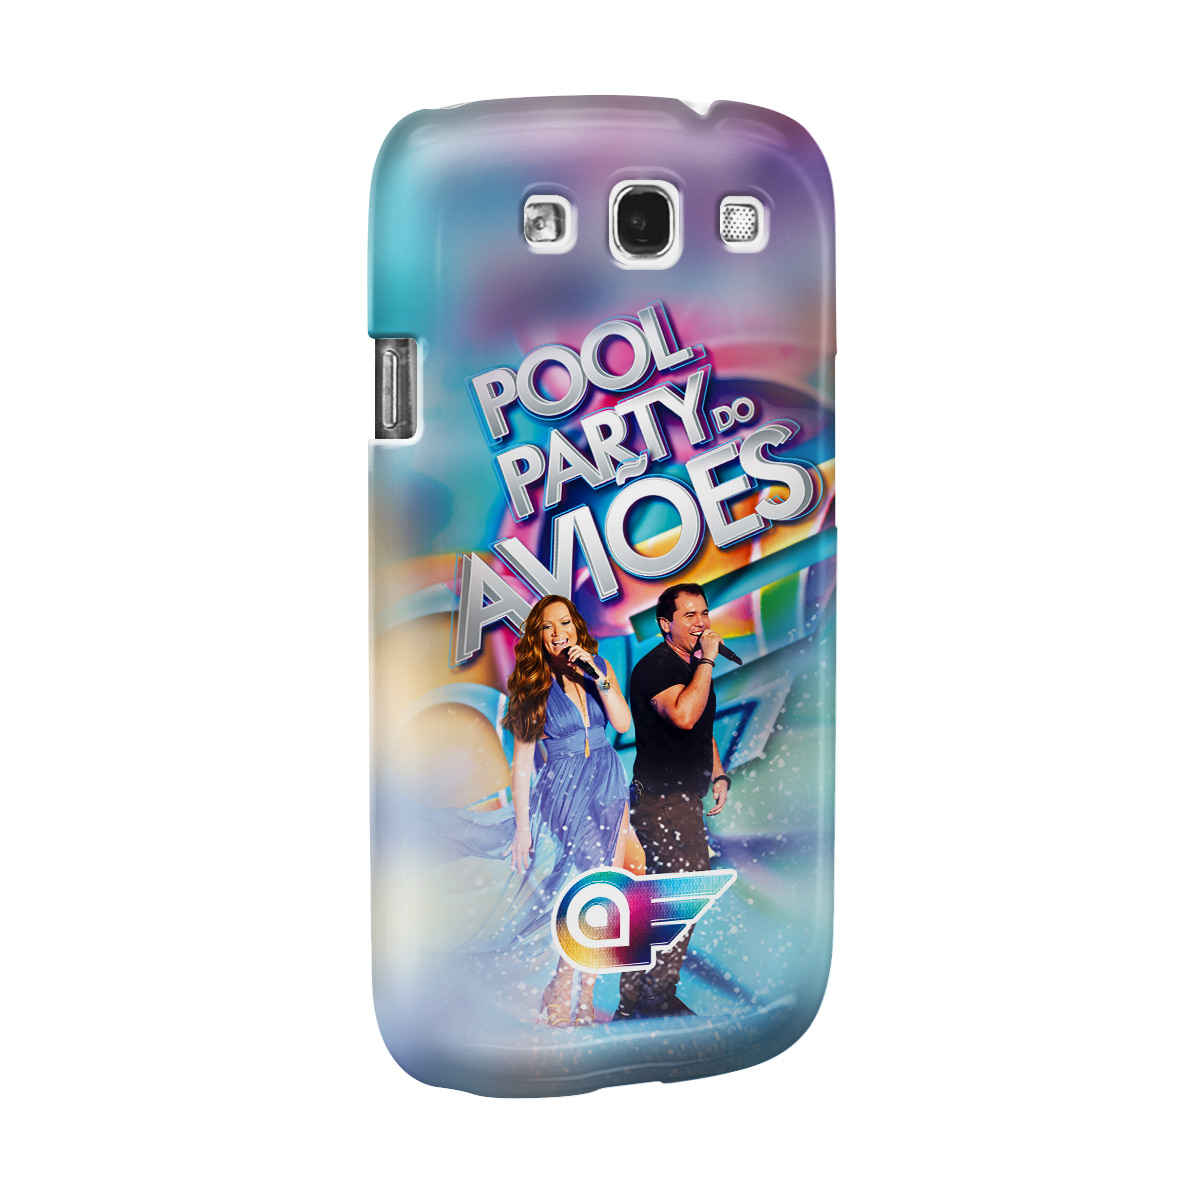 Capa de Celular Samsung Galaxy S3 Avi�es do Forr� Capa Pool Party